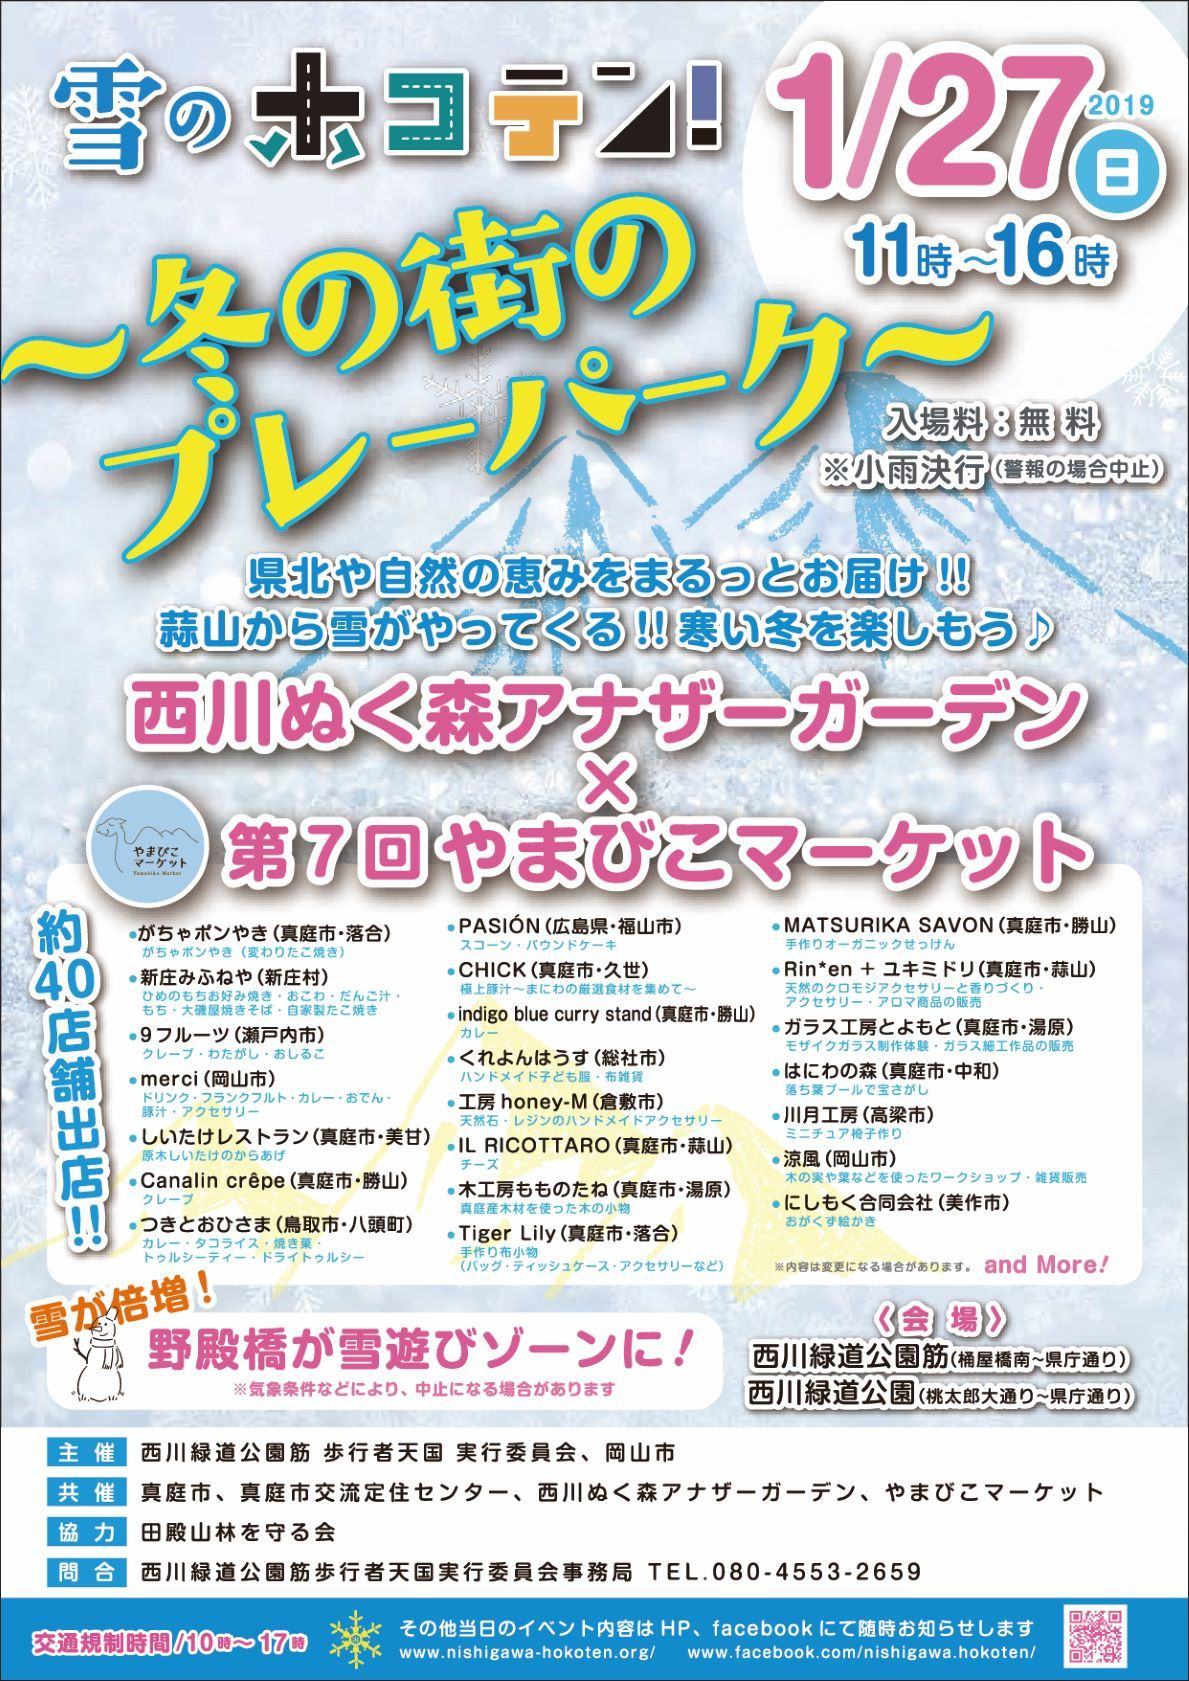 やまびこマーケット出店します!今月は岡山市です!_a0281547_14381594.jpg